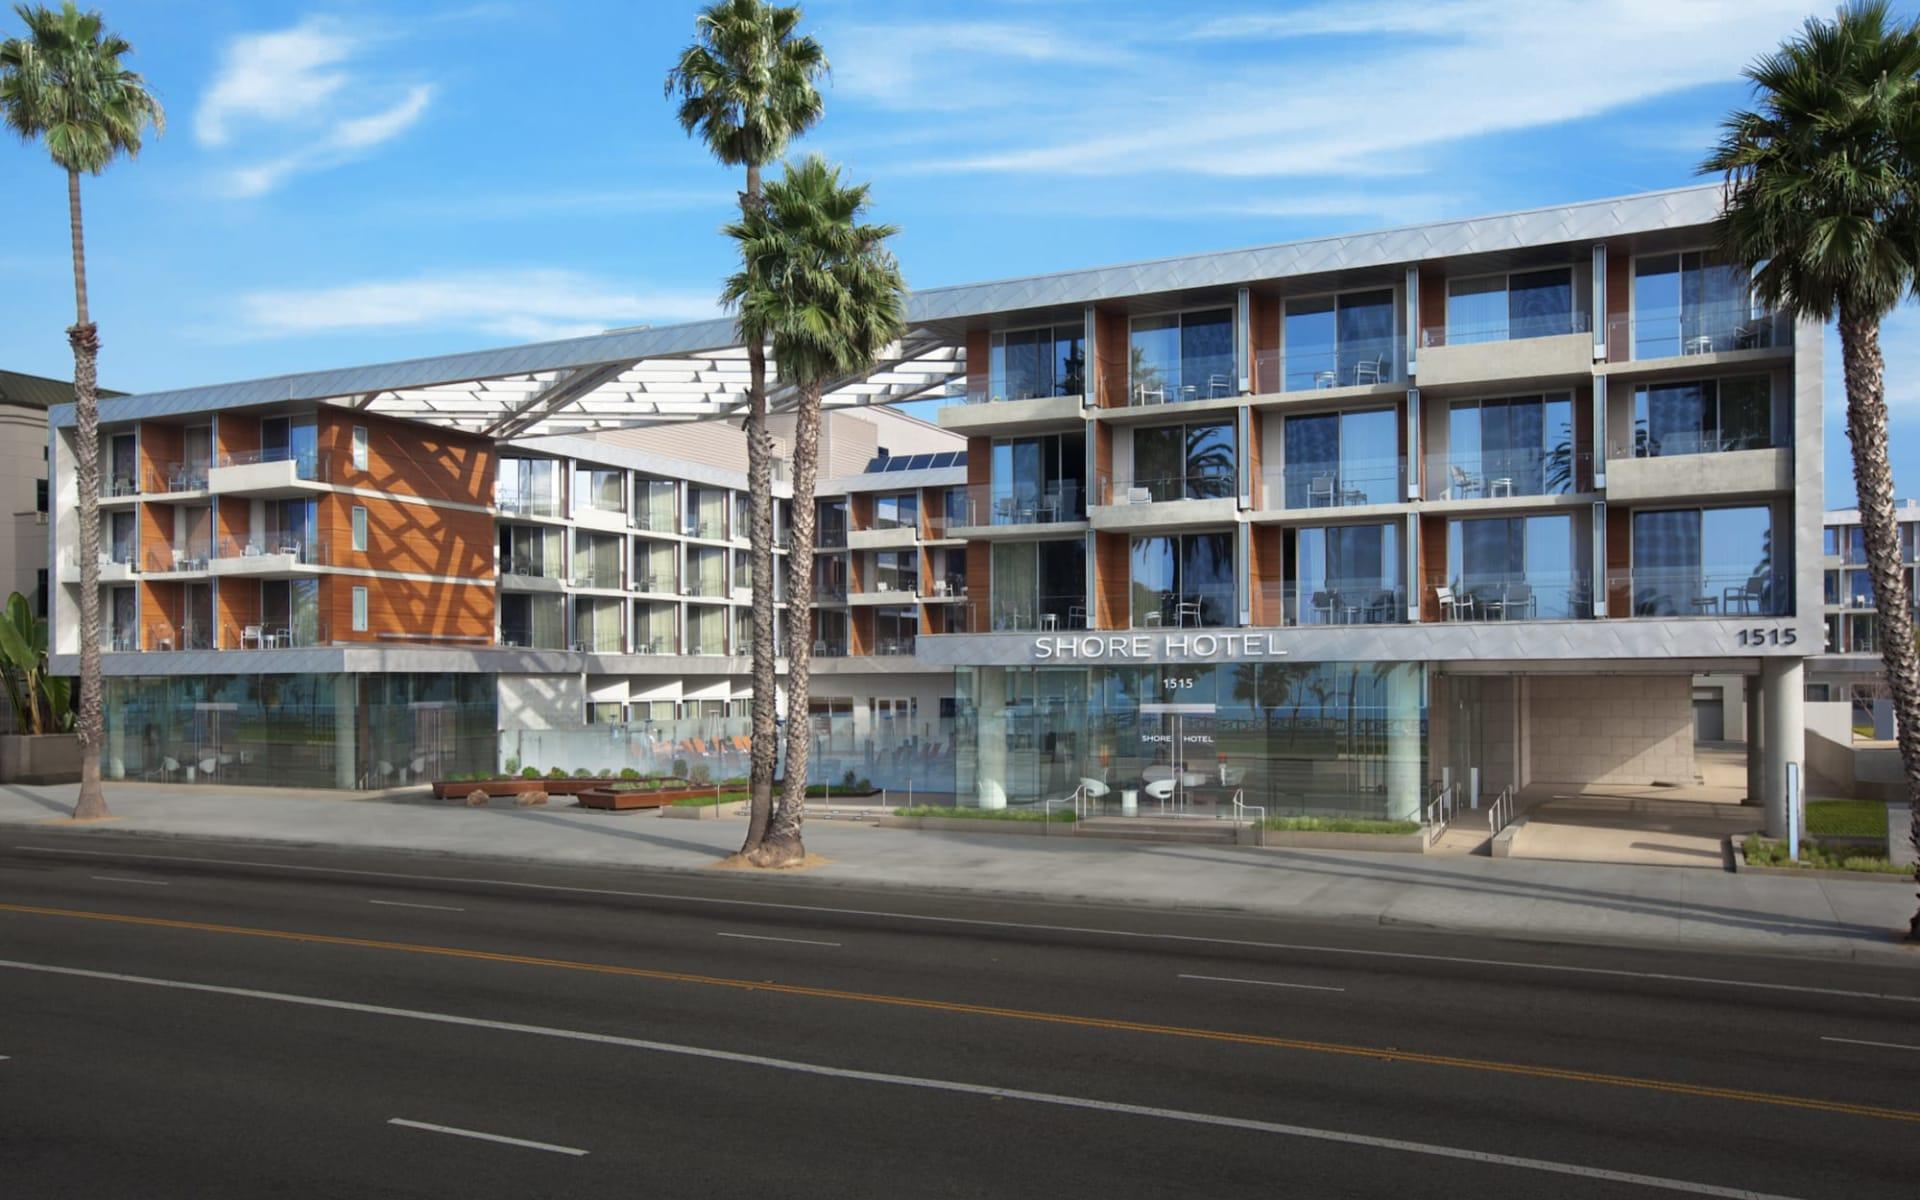 Shore Hotel in Santa Monica:  Shore Hotel - Aussenansicht